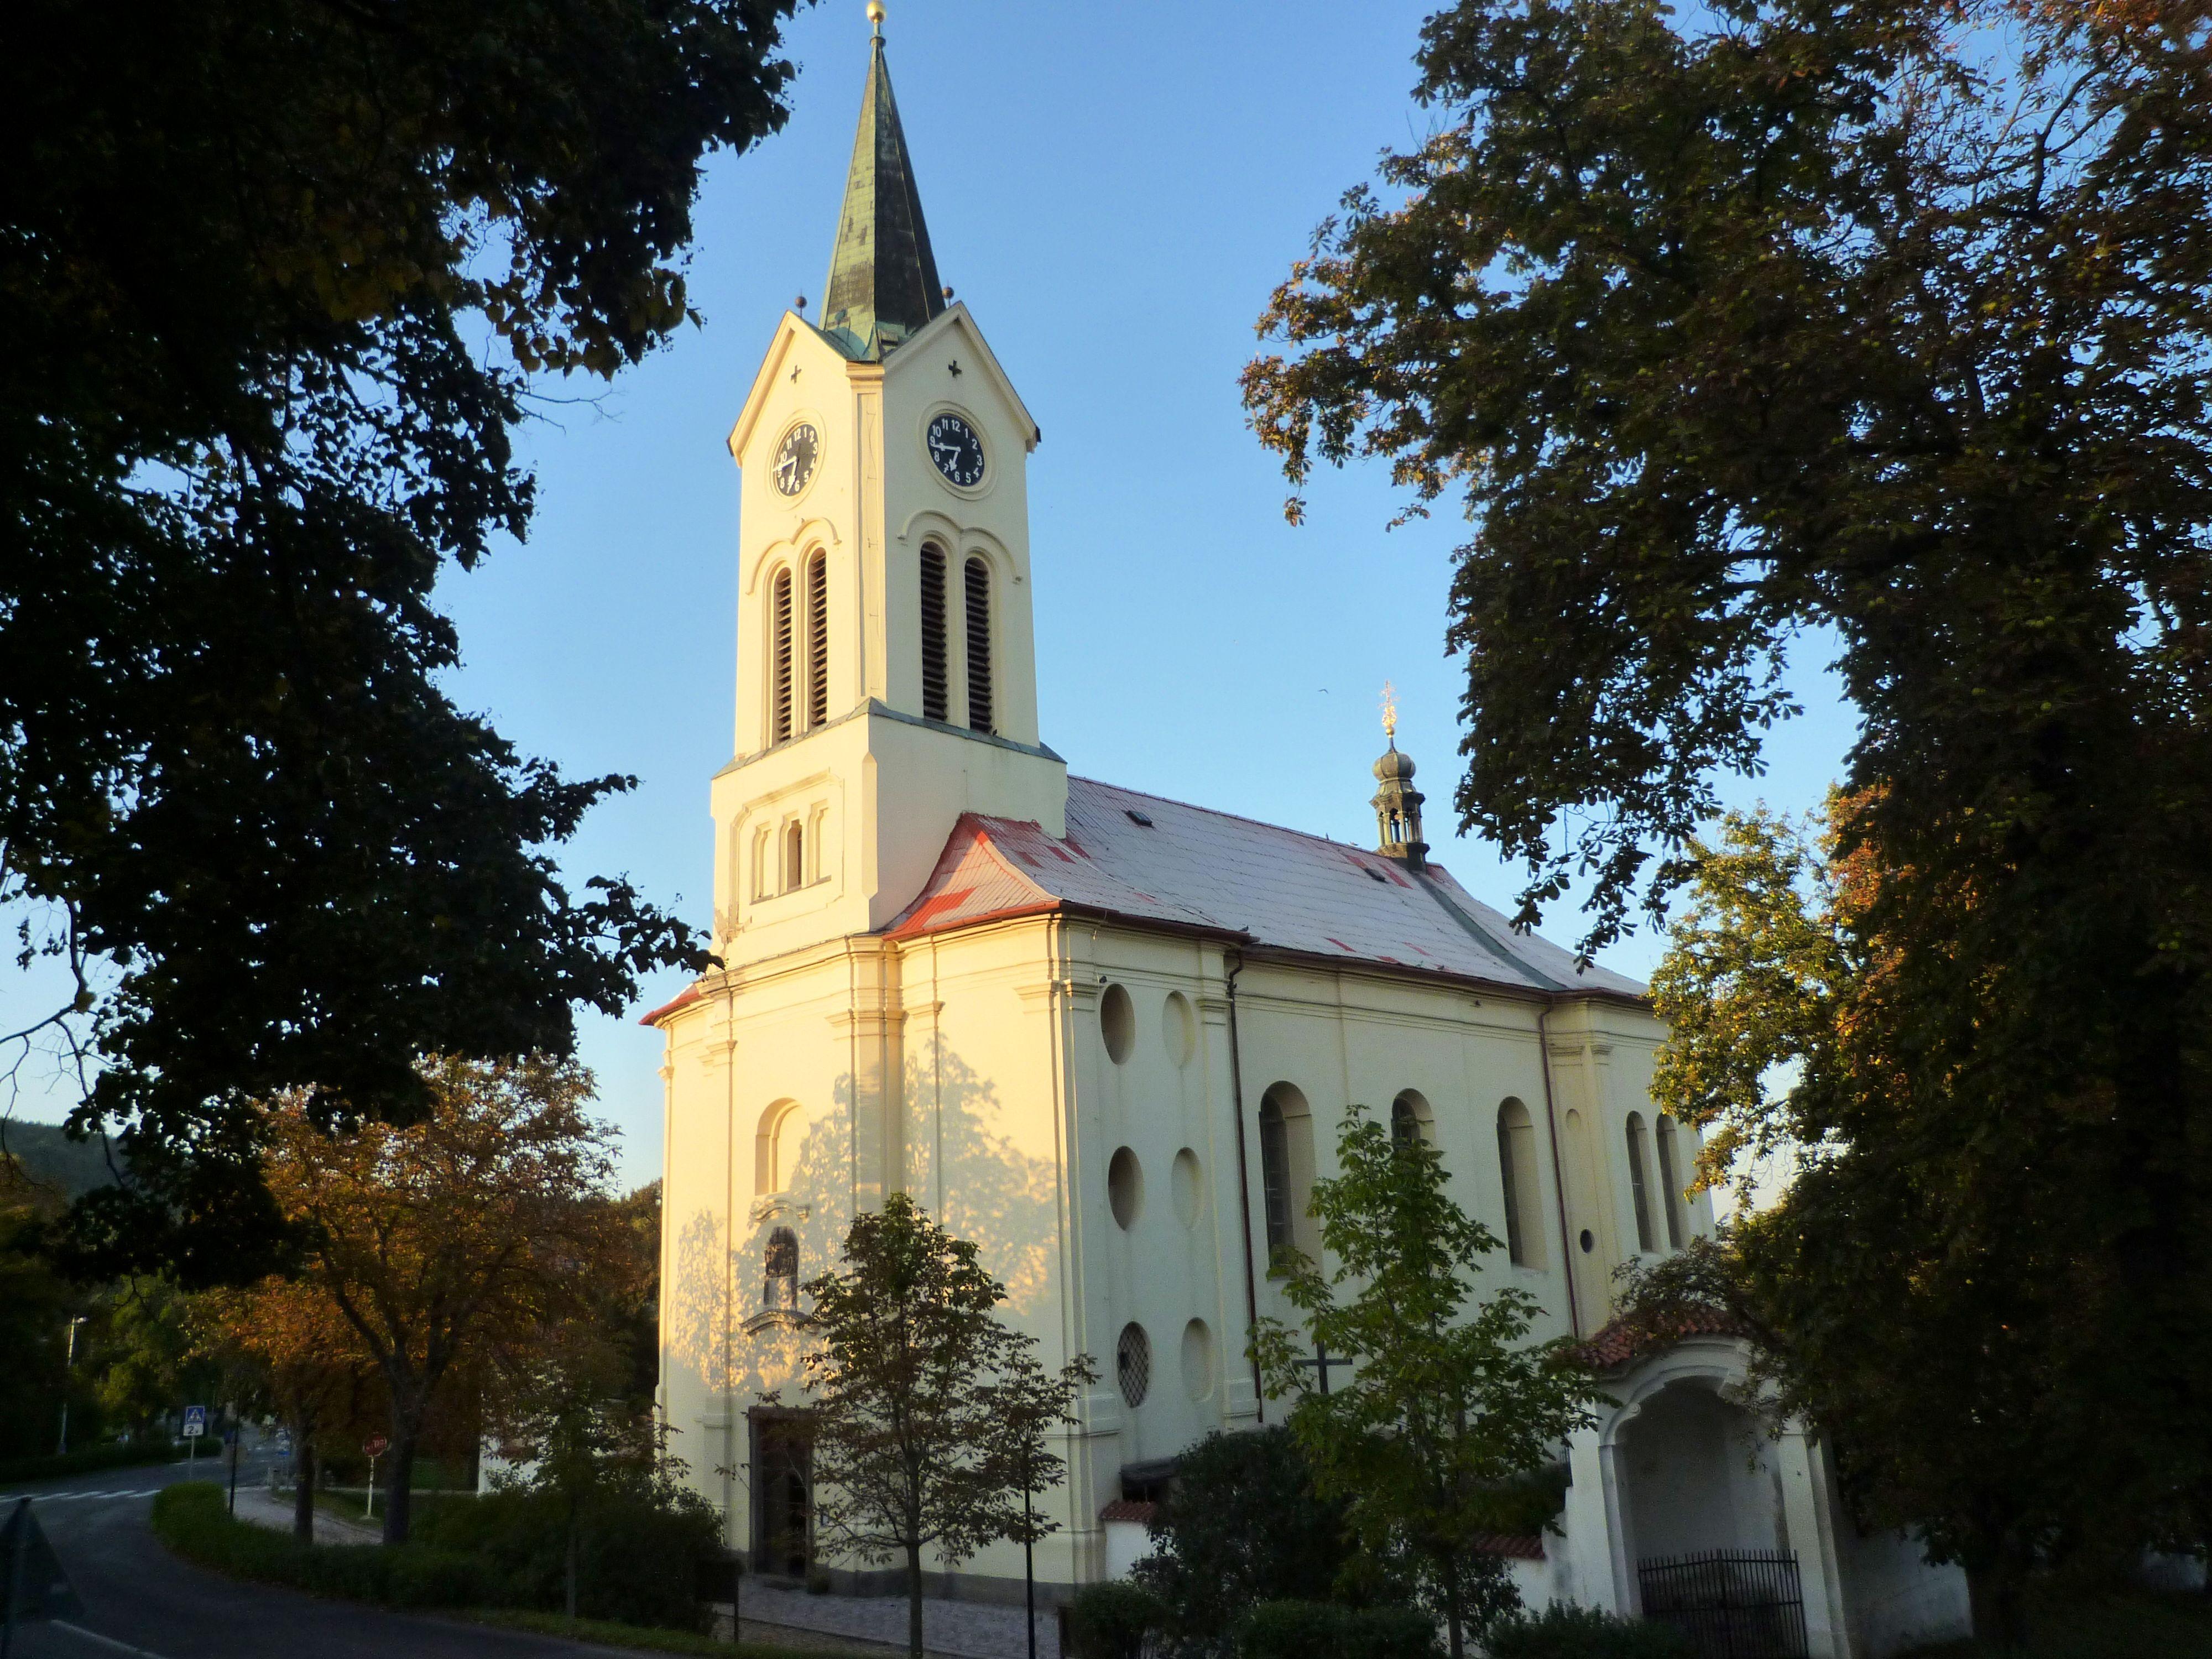 Výsledek obrázku pro mníšek pod brdy kostel